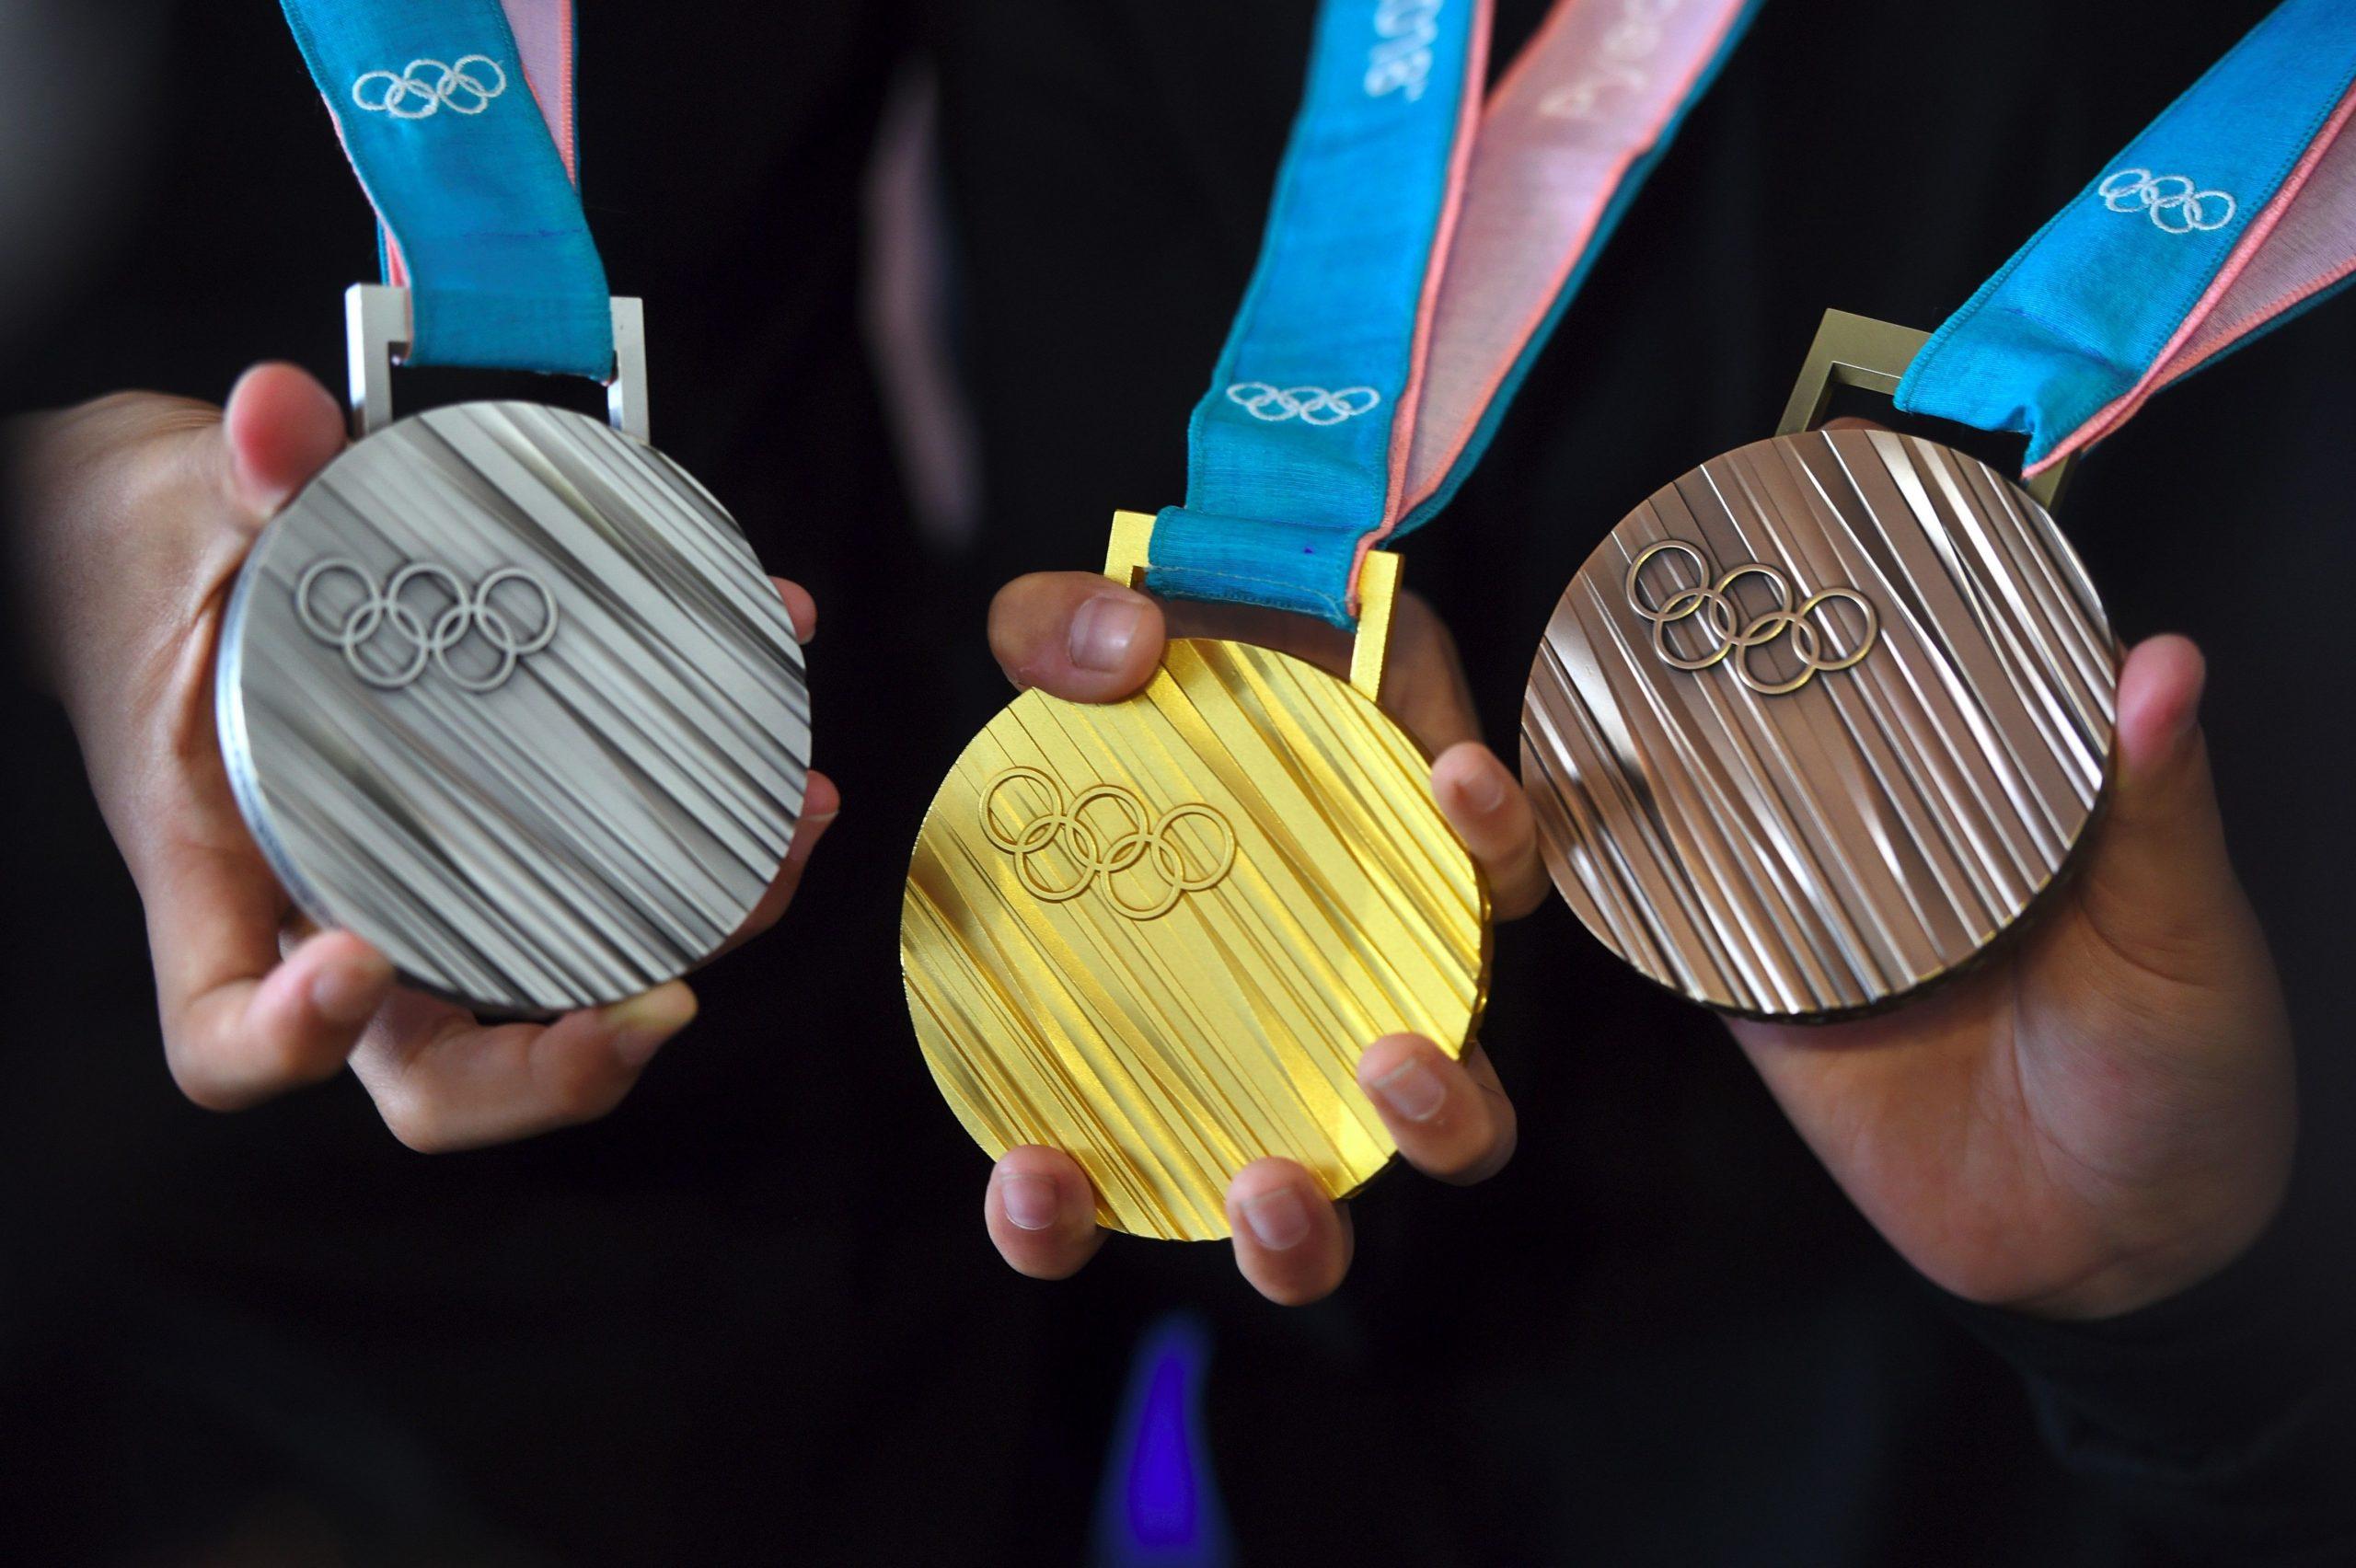 México en los Juegos Olímpicos: deportistas y posibilidades de medalla